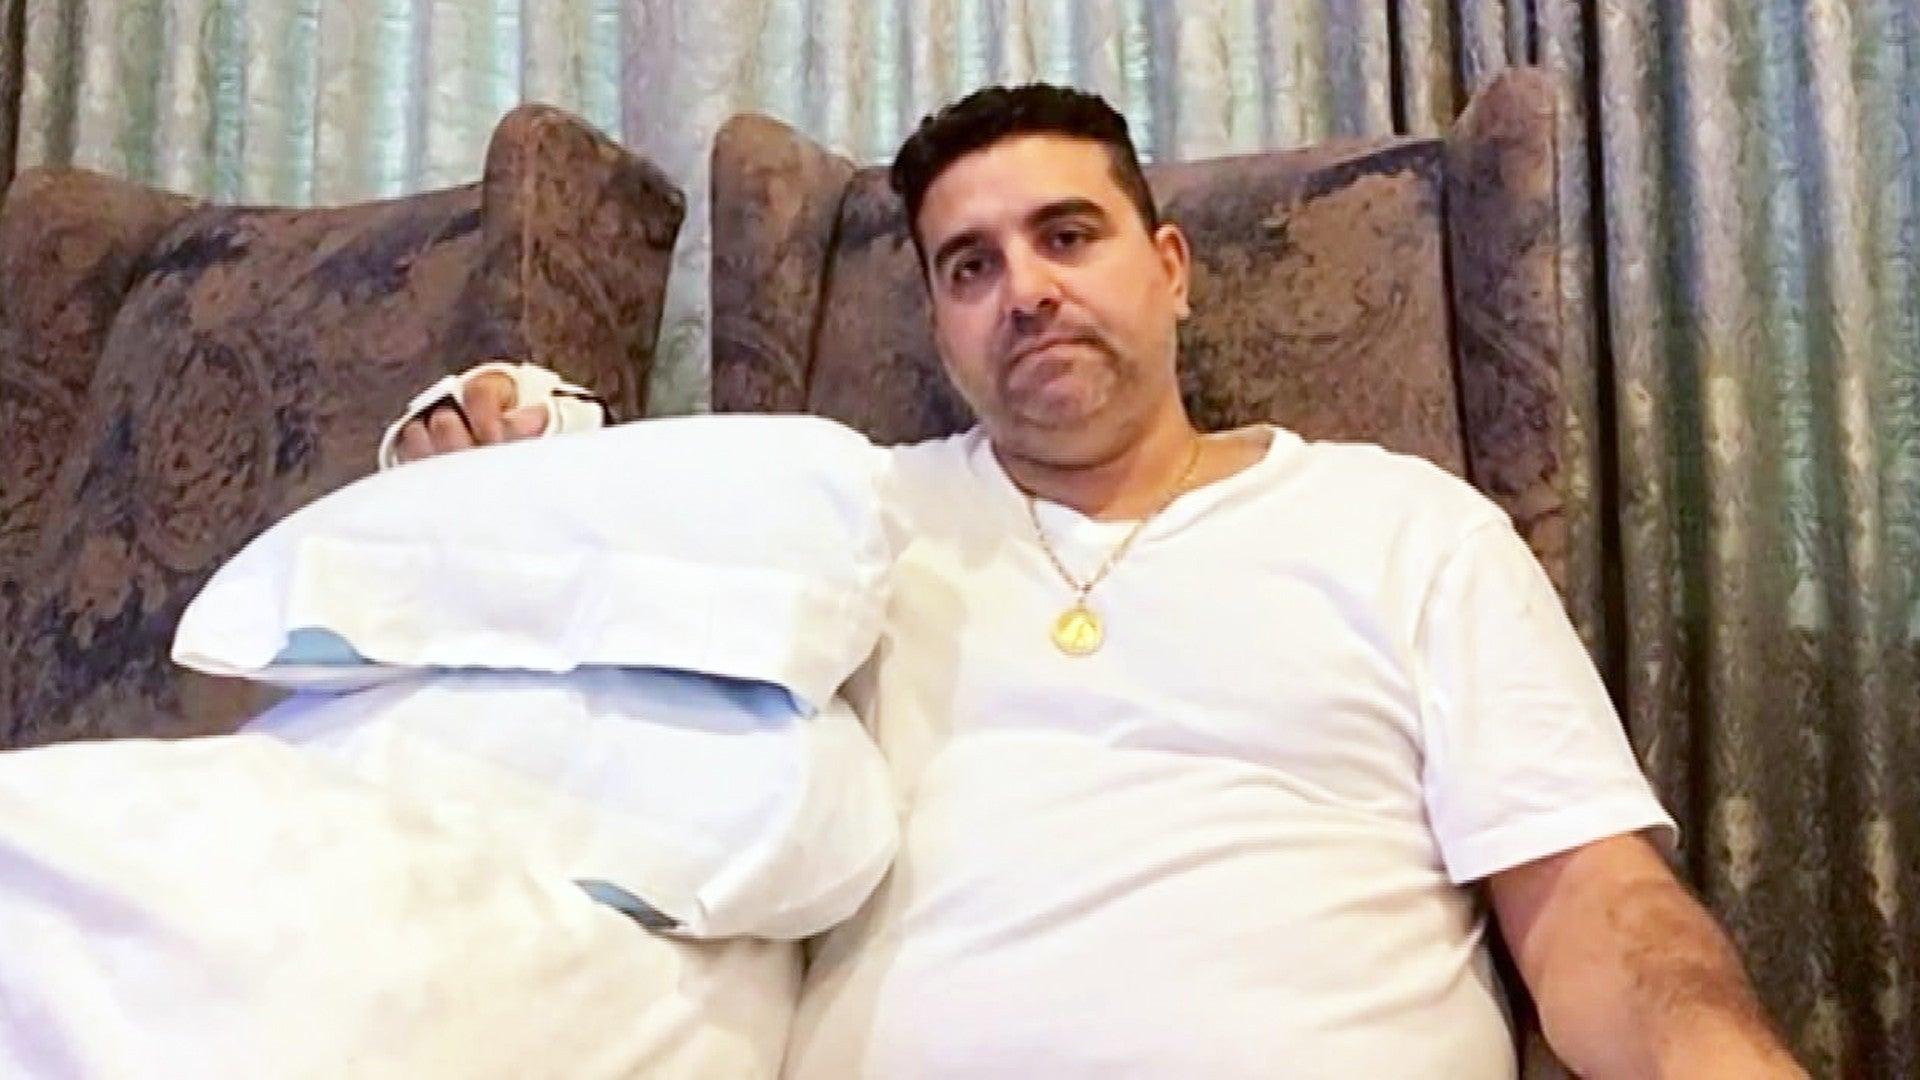 Buddy Valastro, astro de Cake Boss em recuperação após acidente doméstico